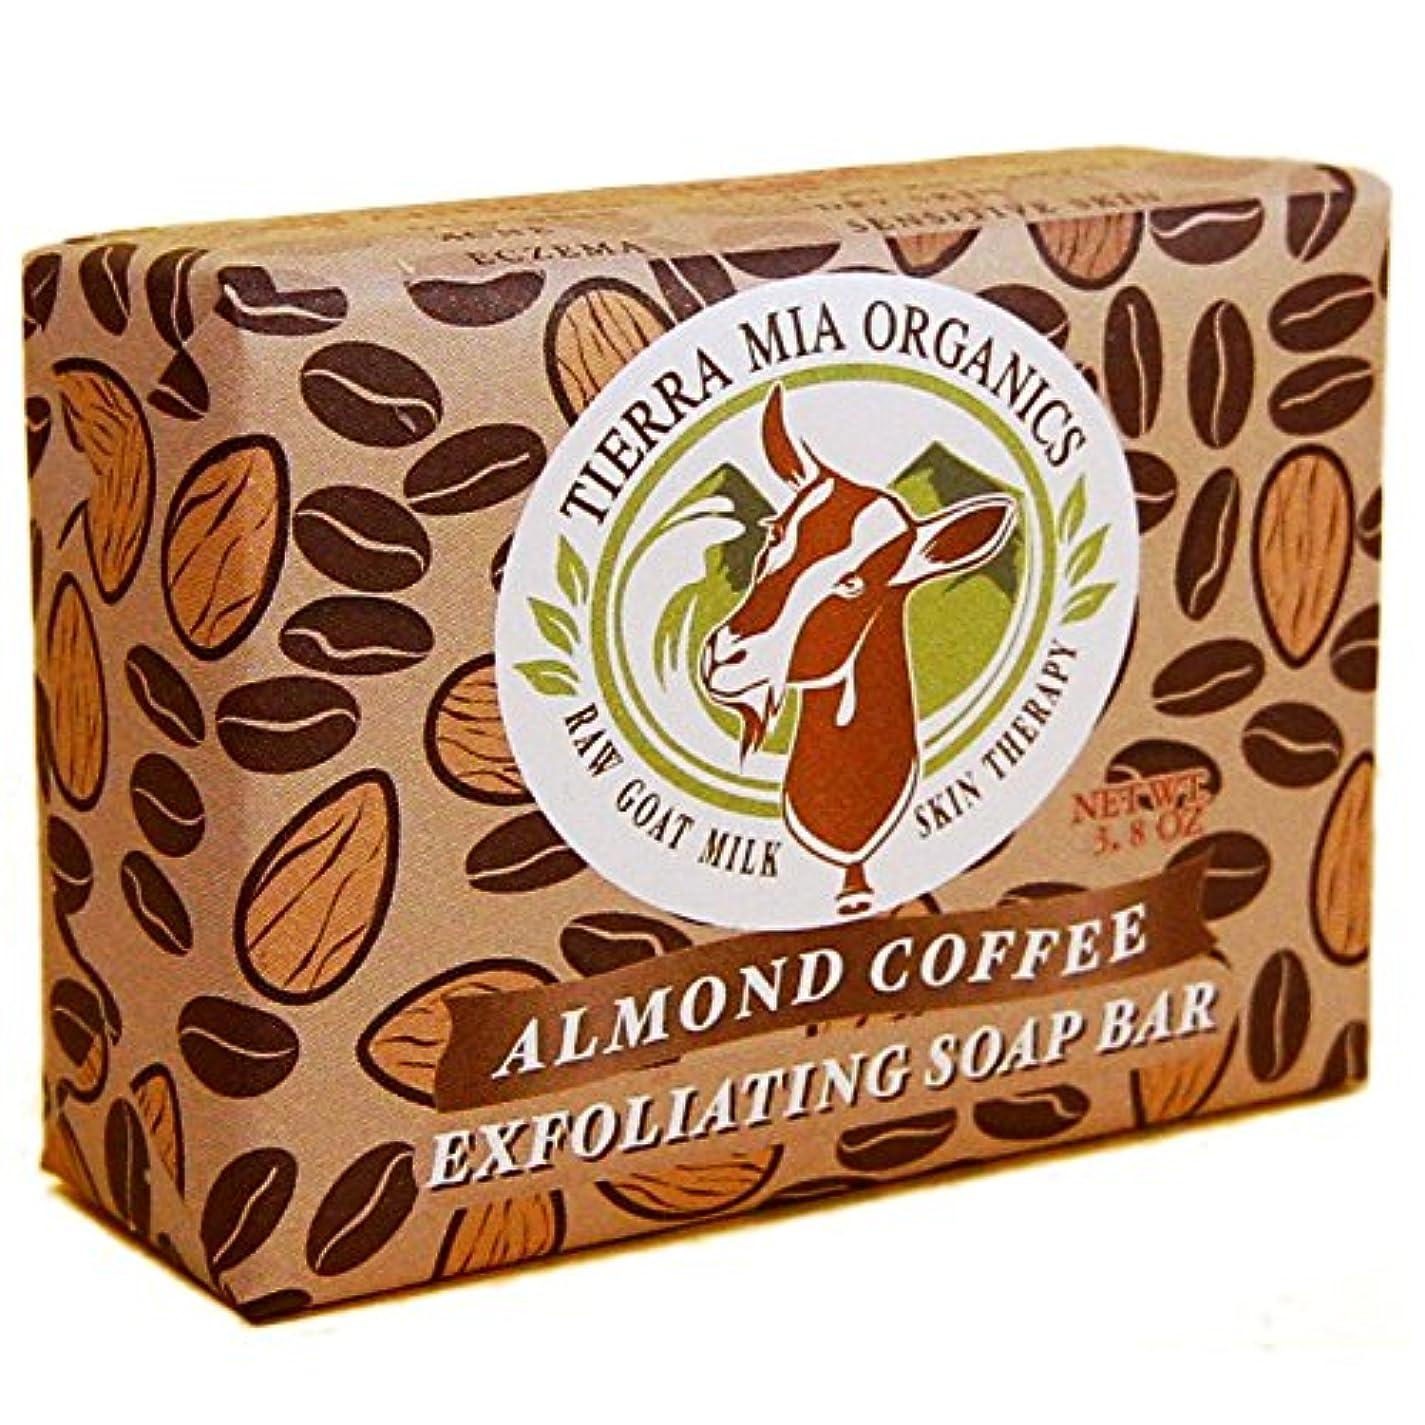 ロシア粘液電信Tierra Mia Organics, Raw Goat Milk Skin Therapy, Exfoliating Soap Bar, Almond Coffee, 3.8 oz